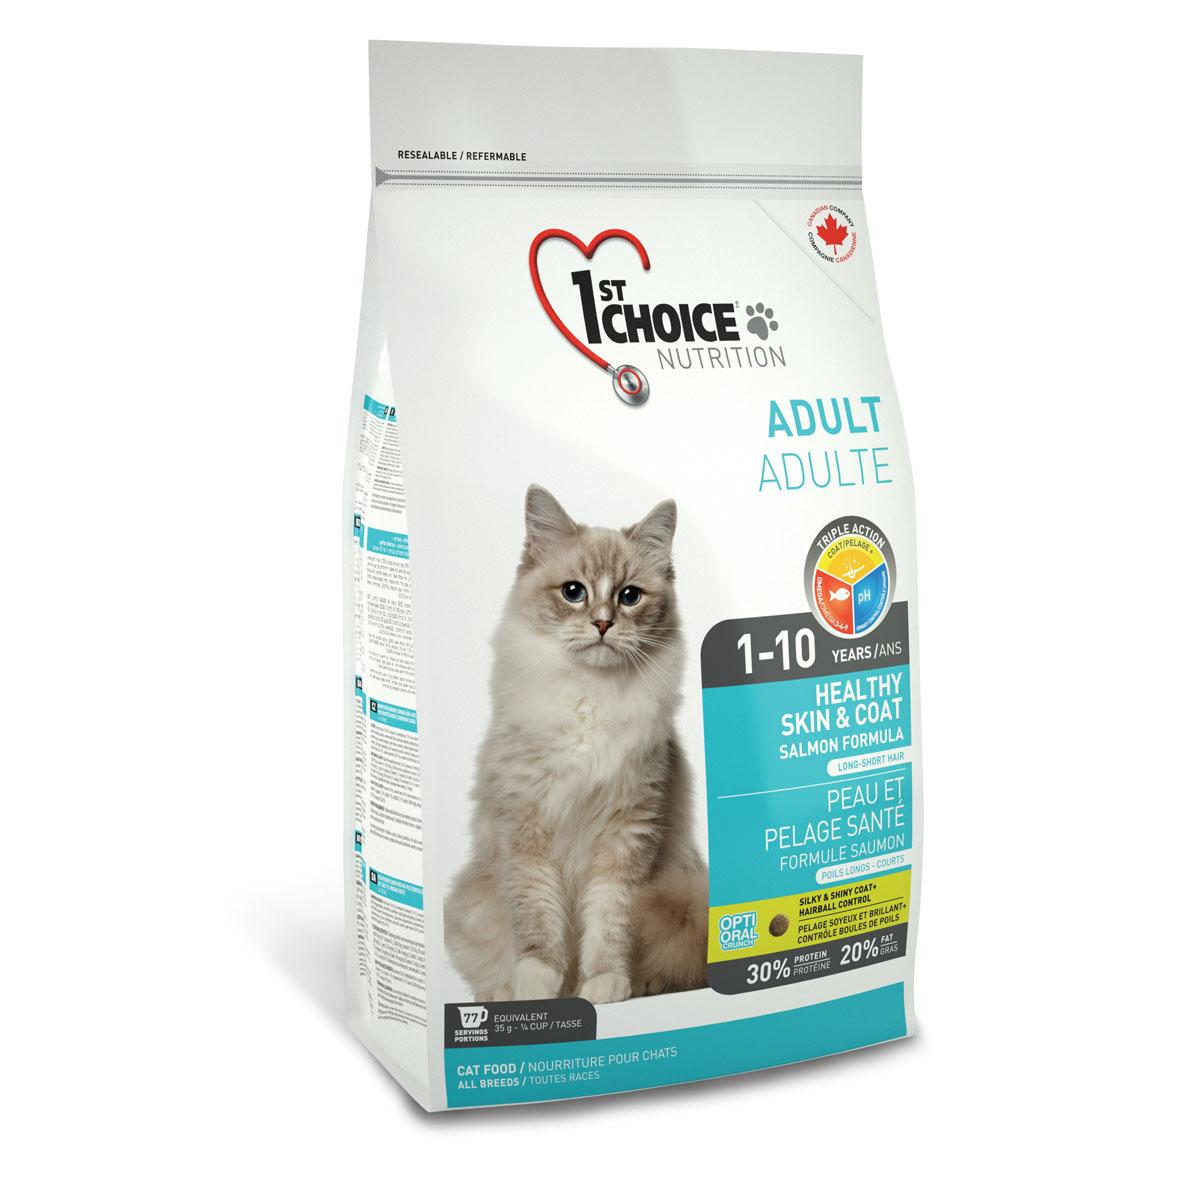 Корм сухой 1st Choice Adult для здоровья шерсти и кожи взрослых кошек, с лососем, 907 г56668Корм сухой 1st Choice Adult разработан для улучшения состояния кожи и шерсти взрослых кошек в любое время года, шерсть любой длины становится мягкой и блестящей. Жир лосося является лучшим источником Омега 3-6-9жирных кислот, обеспечивающих здоровье кожи. Сочетание рыбного белка и рыбьего жира гарантирует здоровую и роскошную шерсть. Свежий лосось - главный ингредиент, который понравится даже самым привередливым гурманам.Ингредиенты: свежий лосось 18%, мука из сельди менхаден 17%, рис, гороховый протеин, куриный жир, сохраненный смесью натуральных токоферолов (витамин Е), сушеное яйцо, мякоть свеклы, клетчатка гороха, гидролизат куриной печени, коричневый рис, специально обработанные ядра ячменя и овса, цельное семя льна, жир лосося, сушеная мякоть томата, калия хлорид, лецитин, кальция карбонат, холина хлорид, соль, кальция пропионат, натрия бисульфат, таурин, DL- метионин, L-лизин, экстракт дрожжей, железа сульфат, аскорбиновая кислота (витамин С), экстракт цикория, цинка оксид, натрия селенит, альфа-токоферол ацетат (витамин Е), никотиновая кислота, экстракт юкки Шидигера, L-цистин, кальция иодат, марганца оксид, L-карнитин, D-кальция пантотенат, тиамина мононитрат, рибофлавин, пиридоксина гидрохлорид, витамин А, холекальциферол (витамин Д3), биотин, сушеная мята 0,01%, сушеная петрушка 0,01%, экстракт зеленого чая 0,01%, цинка протеинат, витамин В12, кобальта карбонат, фолиевая кислота, марганца протеинат, меди протеинат.Гарантированный анализ: сырой протеин мин. 30%, сырой жир мин. 20%, сырая клетчатка макс. 6%, влага макс. 10%, зола макс. 9%, кальций мин. 1,2%, фосфор мин. 1%, марганец макс. 0,1%, таурин 2600 мг/кг, витамин А мин. 34 000 МЕ/кг, витамин Д3 мин. 2 000 МЕ/кг, витамин Е мин. 150 МЕ/кг, омега-3 жирные кислоты 1,92%, омега-6 жирные кислоты 9,19%, омега-9 жирные кислоты 0,26%. Энергетическая ценность: 455 ккал/мерный стакан/ 250 мл - 3639 ккал. Товар сертифици